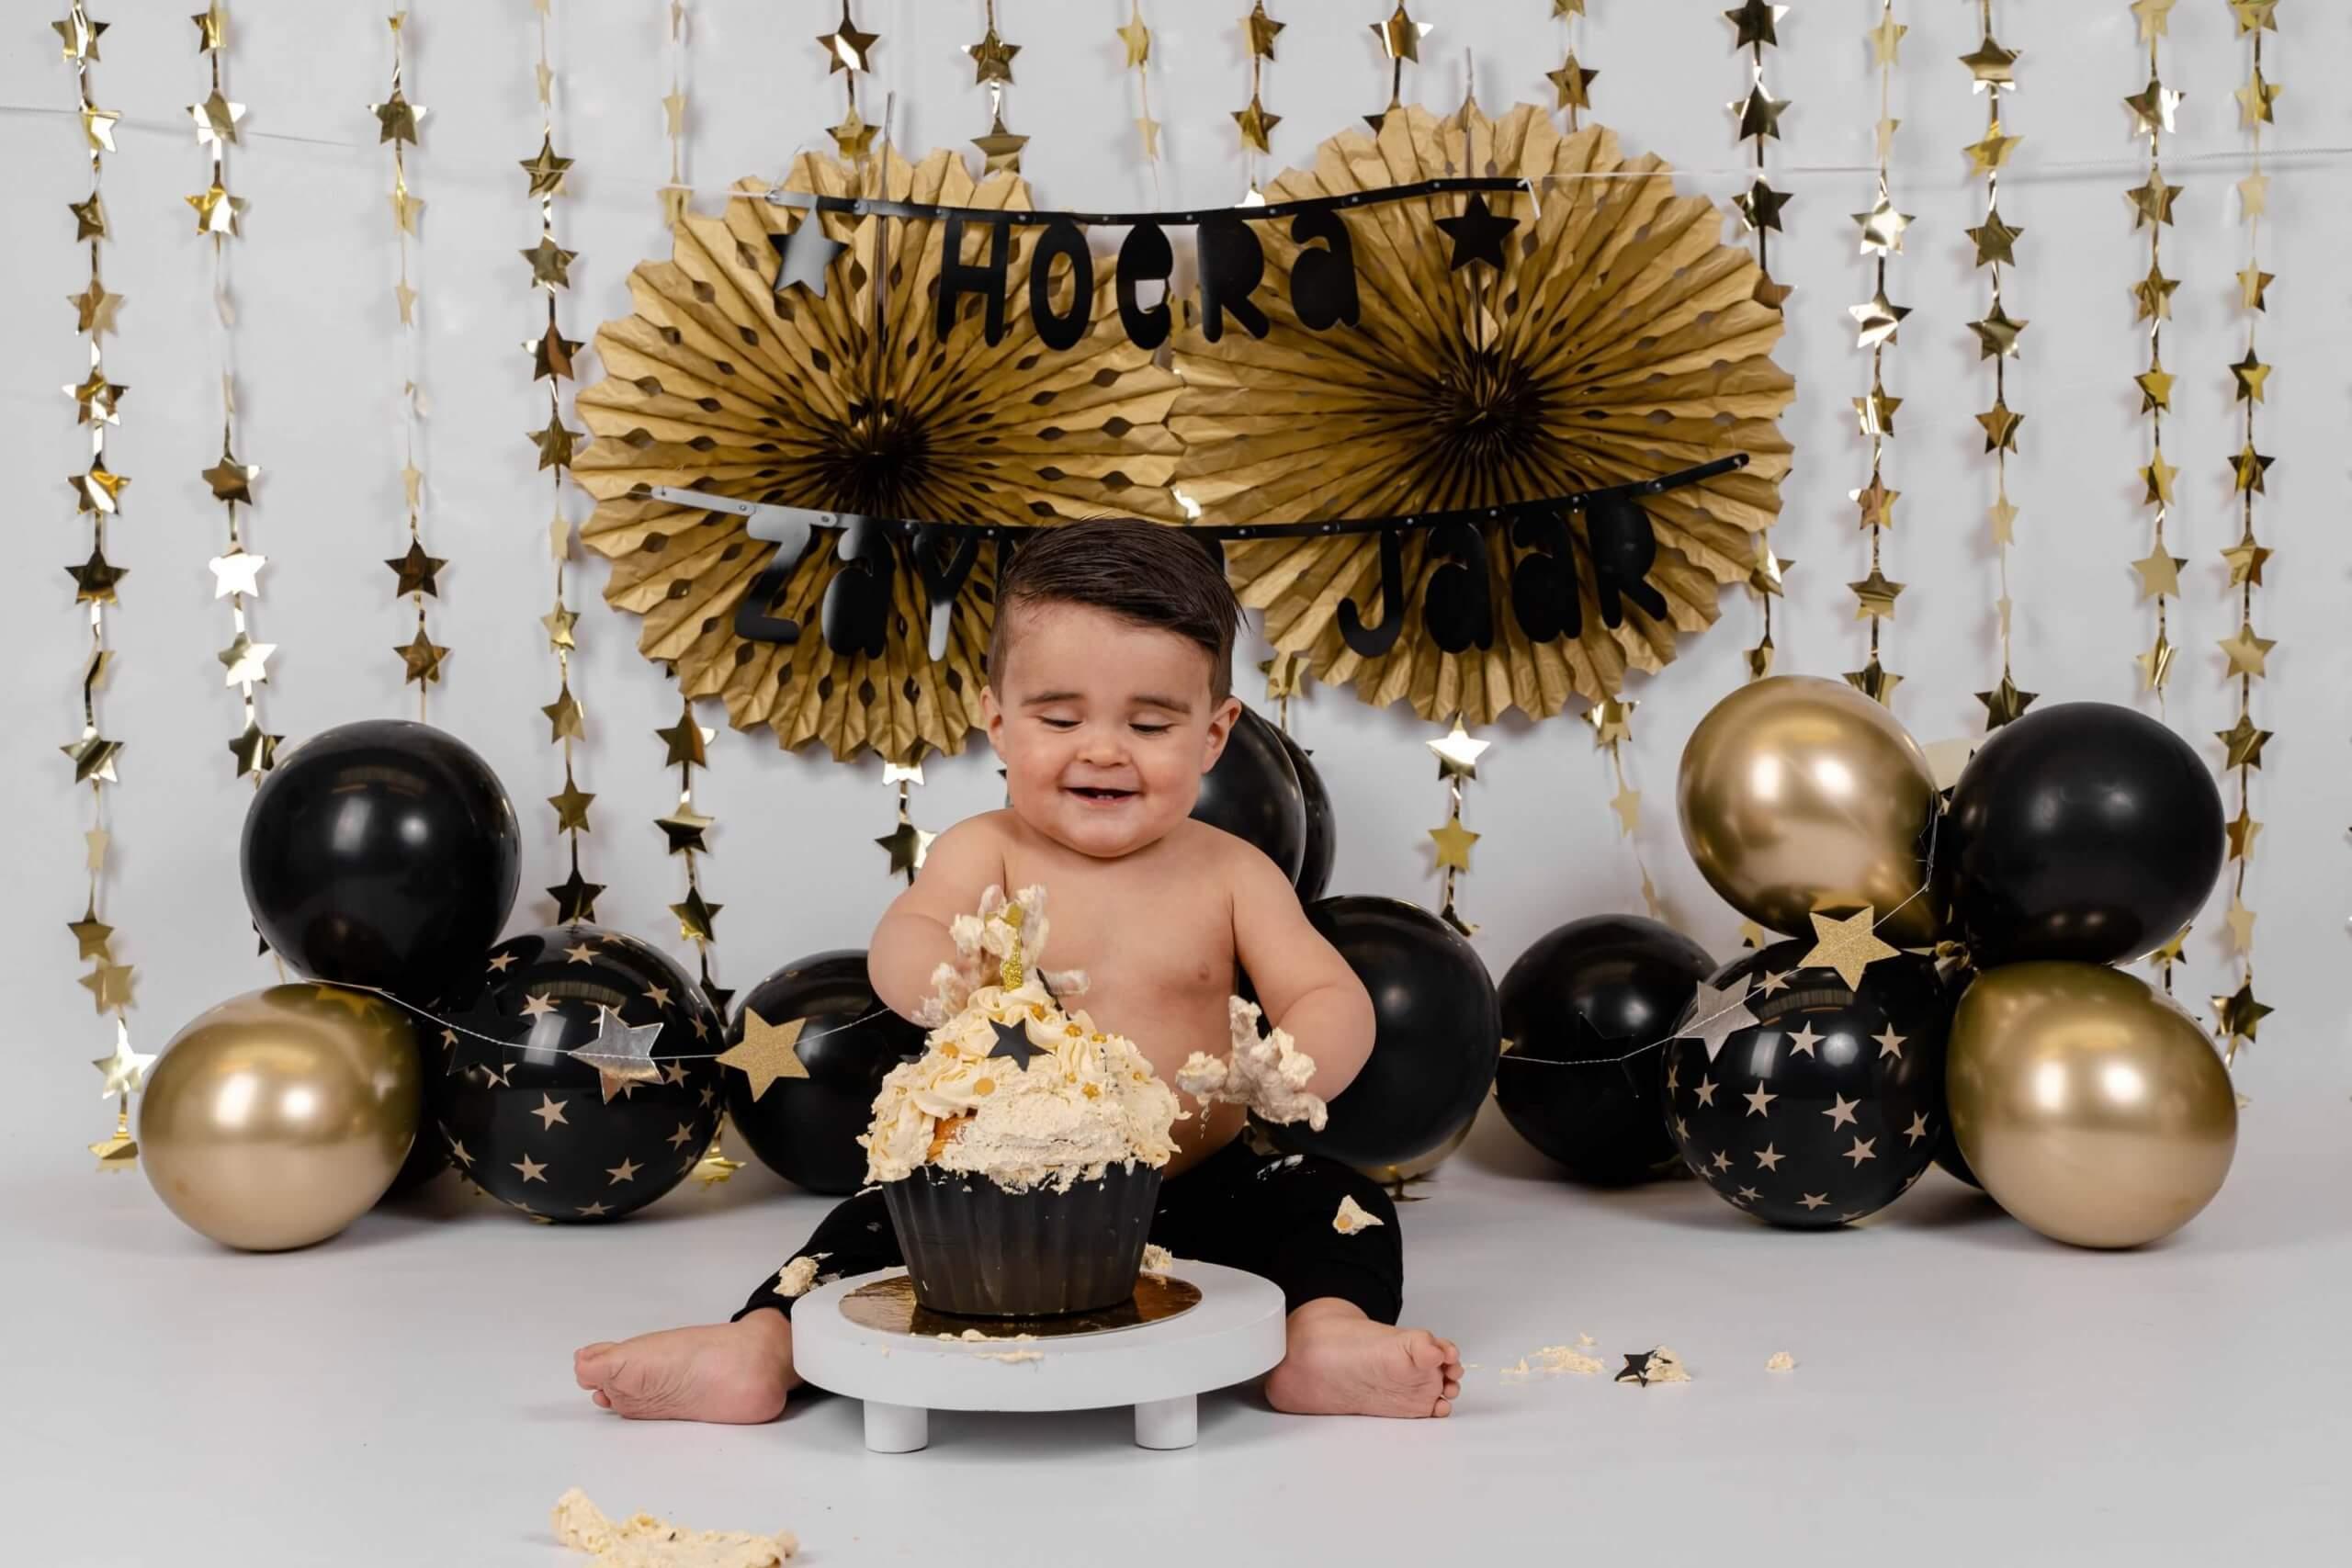 Cake smash zwart met goud feest pompon ballonnen sterren jarig one year wild Amsterdam Haarlem